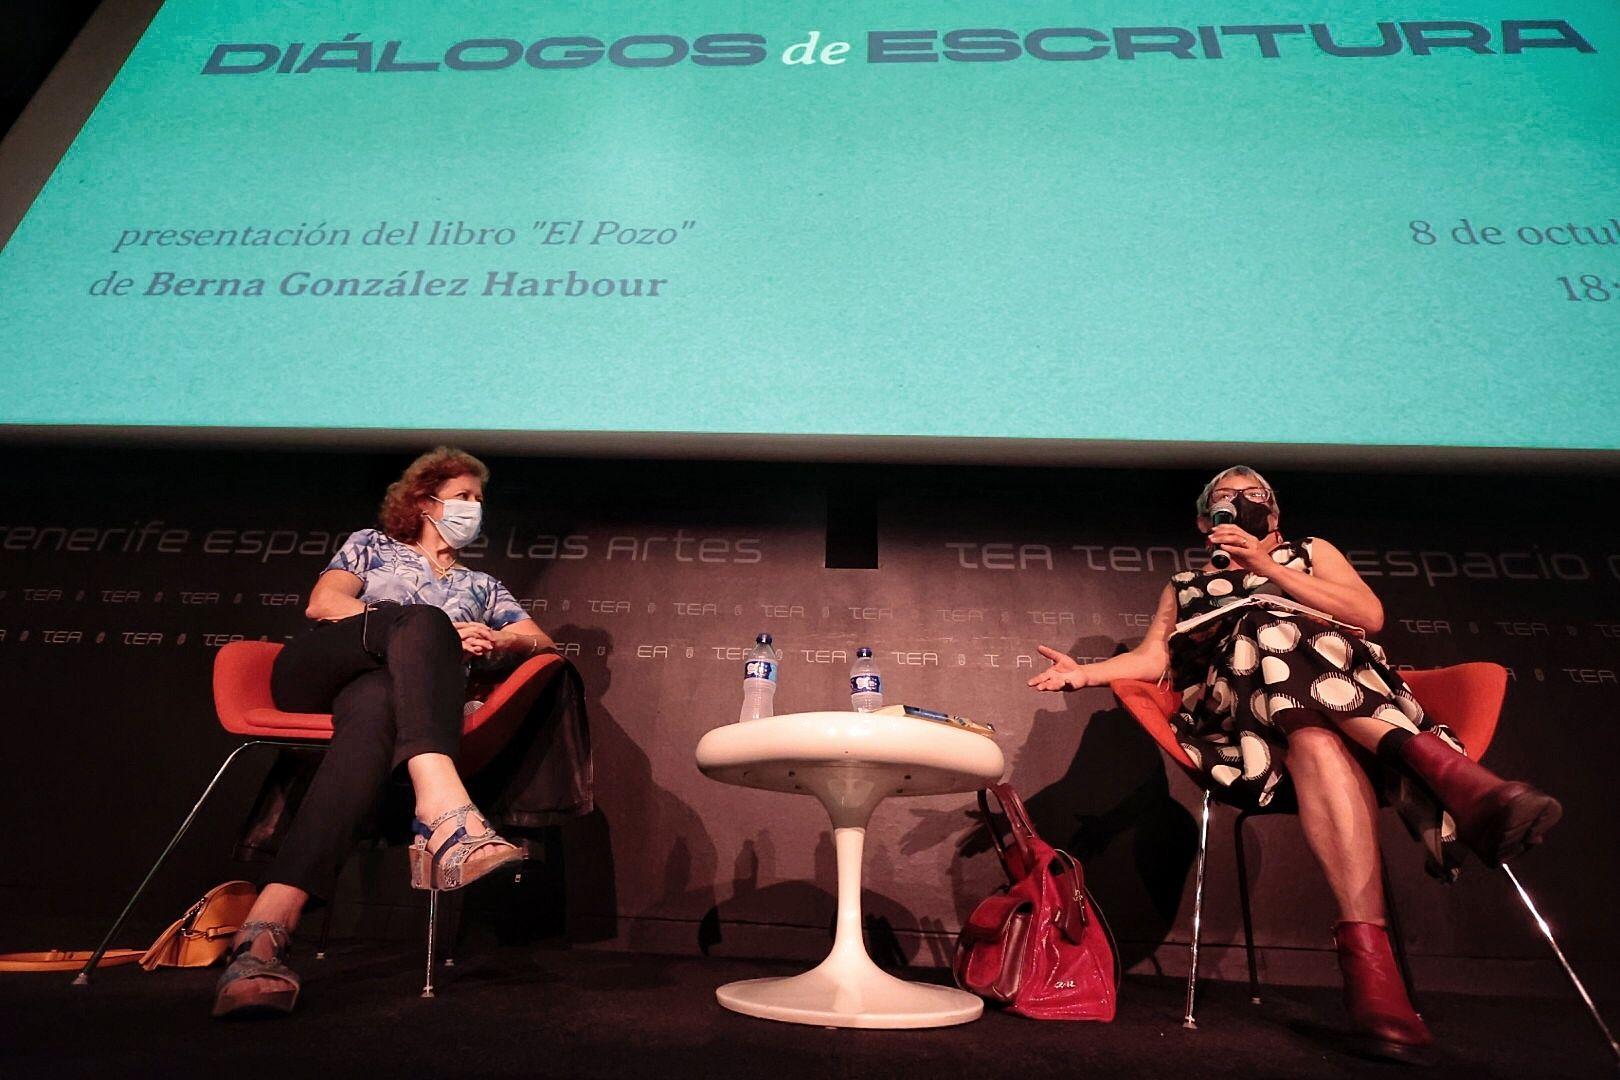 Berna González Harbour, subdirectora de El país, presenta su nuevo libro: 'El pozo'